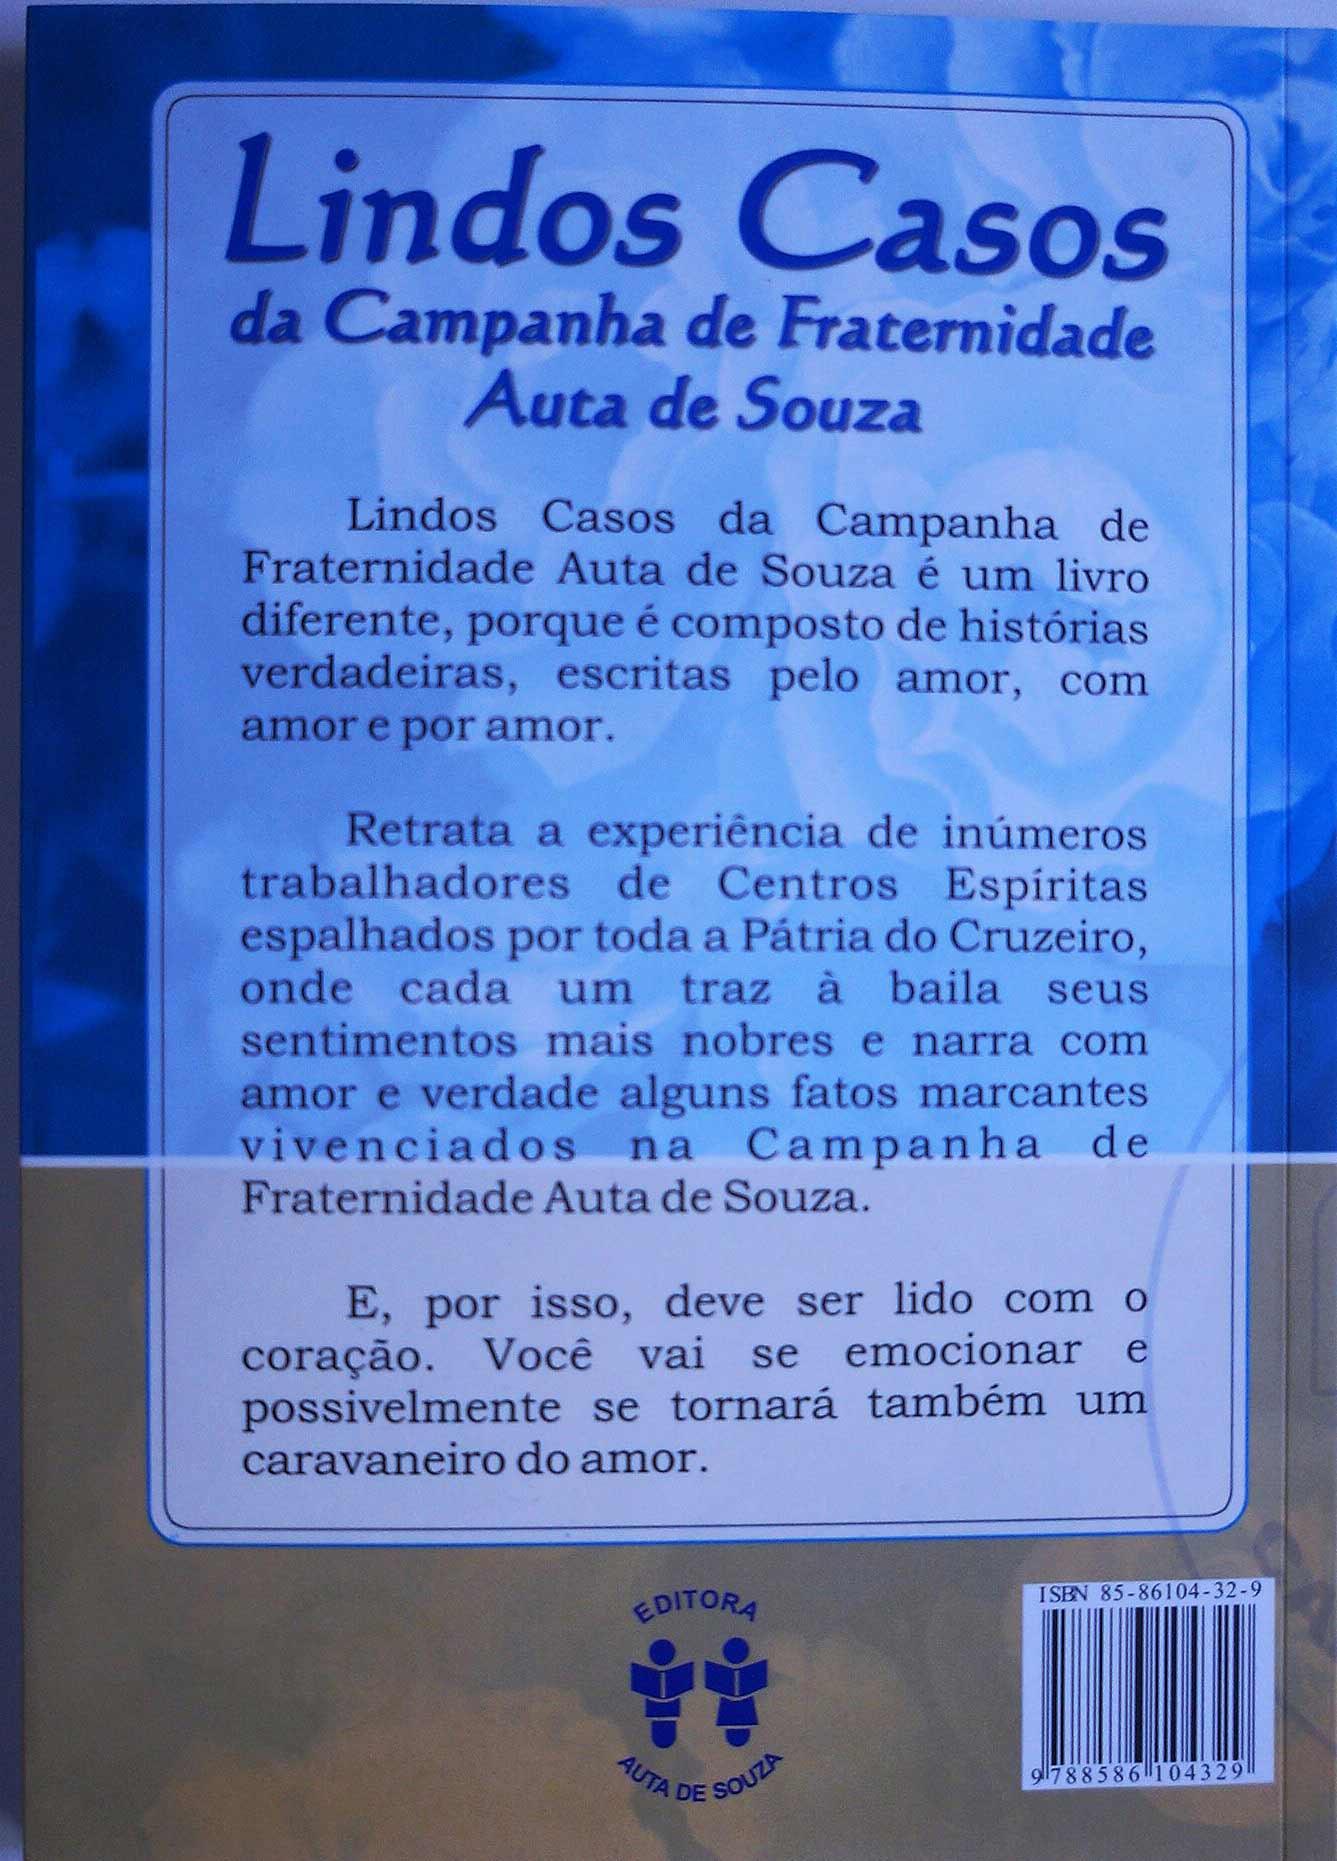 LINDOS CASOS DA CAMPANHA DE FRATERNIDADE AUTA DE SOUZA